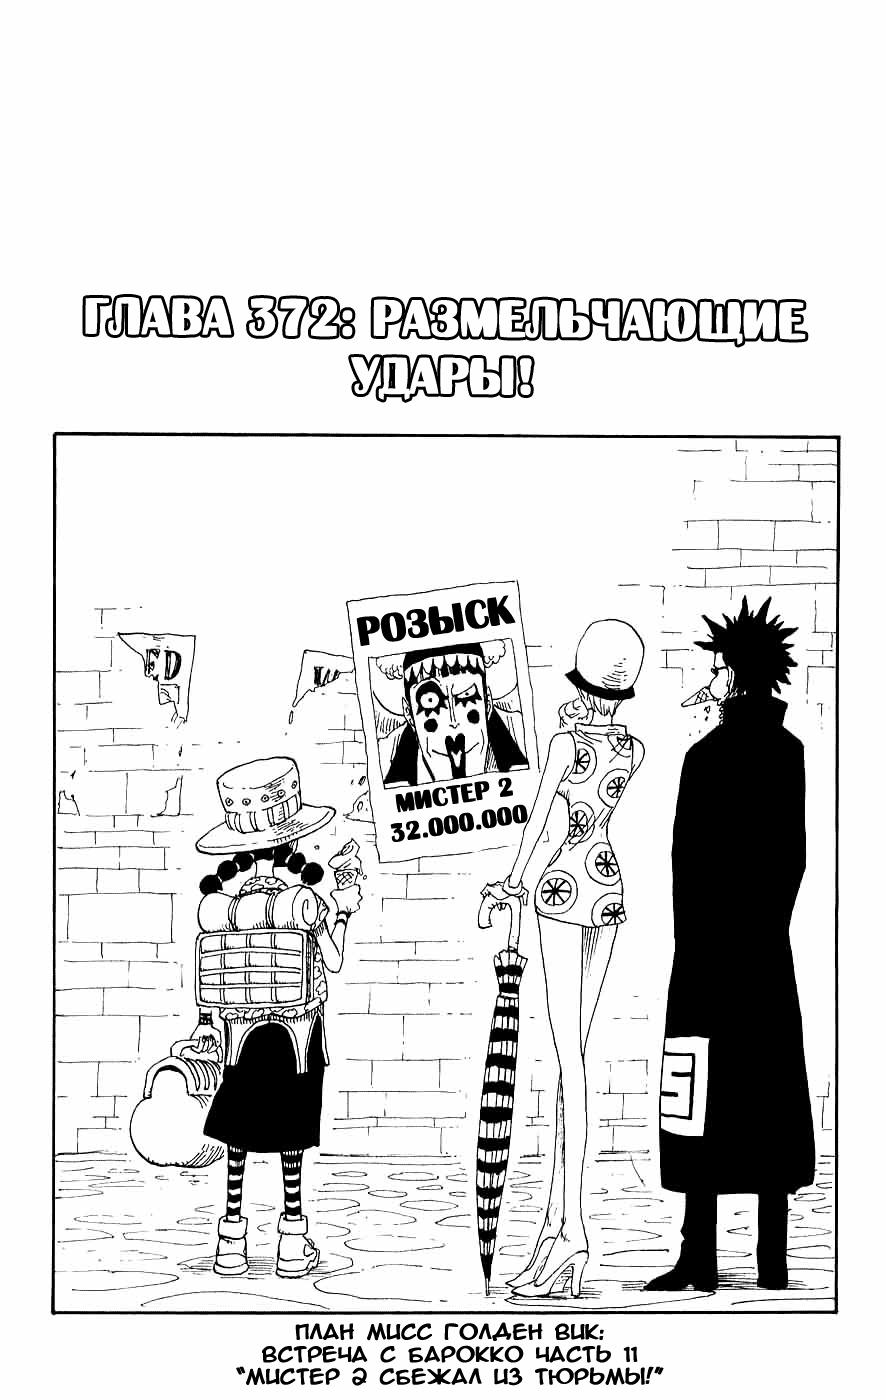 Манга One Piece / Ван Пис Манга One Piece Глава # 372 - Размельчающие удары!, страница 1